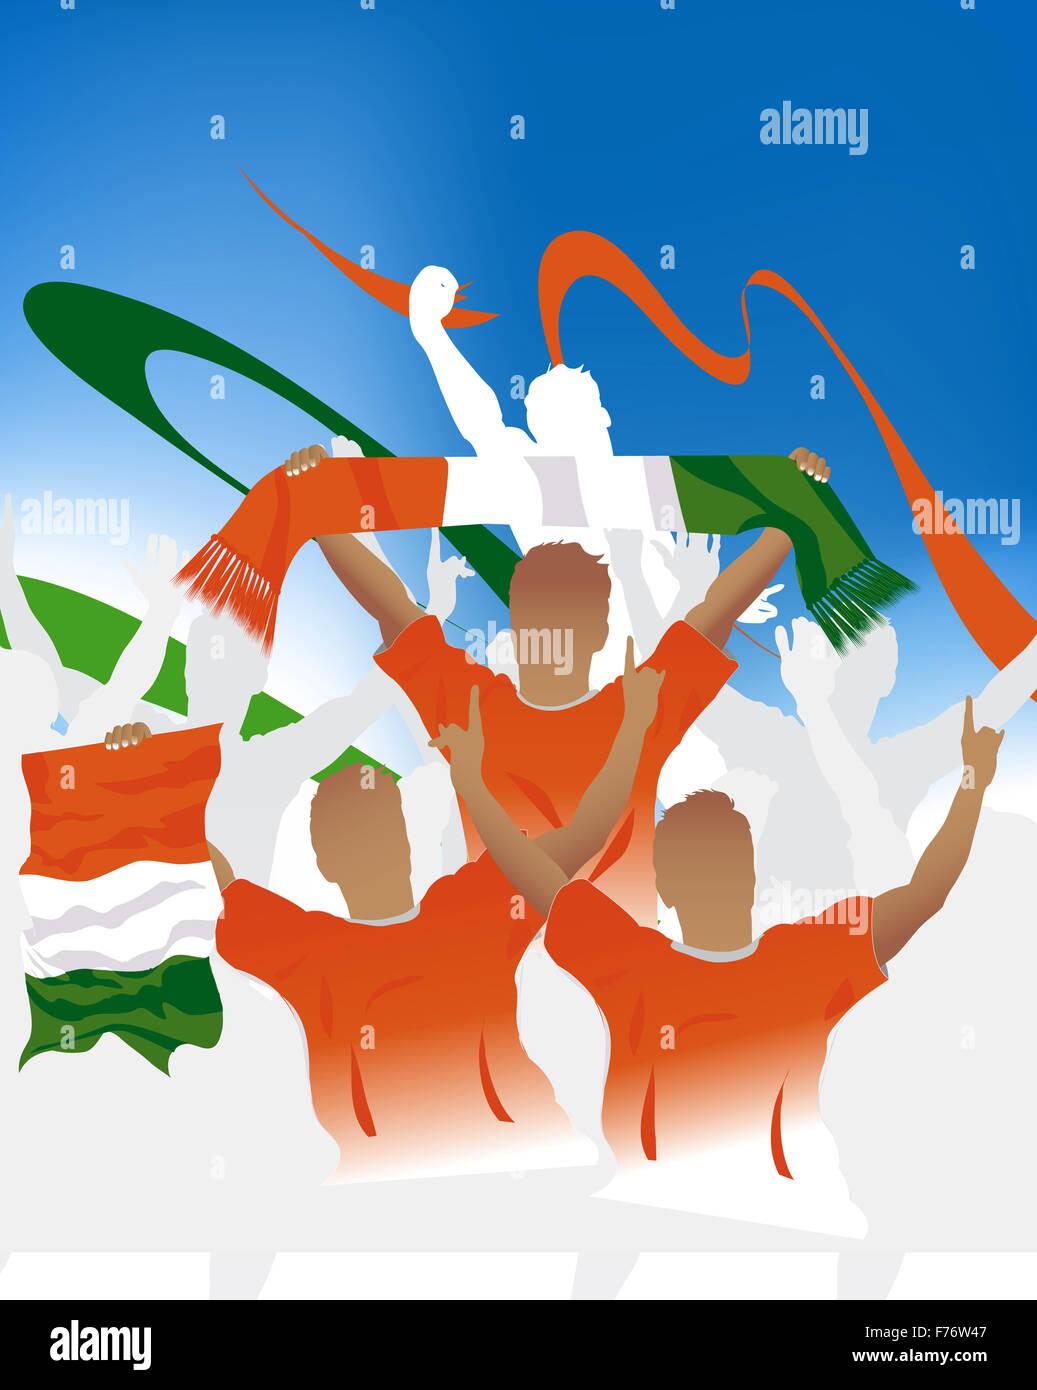 Cote d'Ivoire crowd - Stock Image